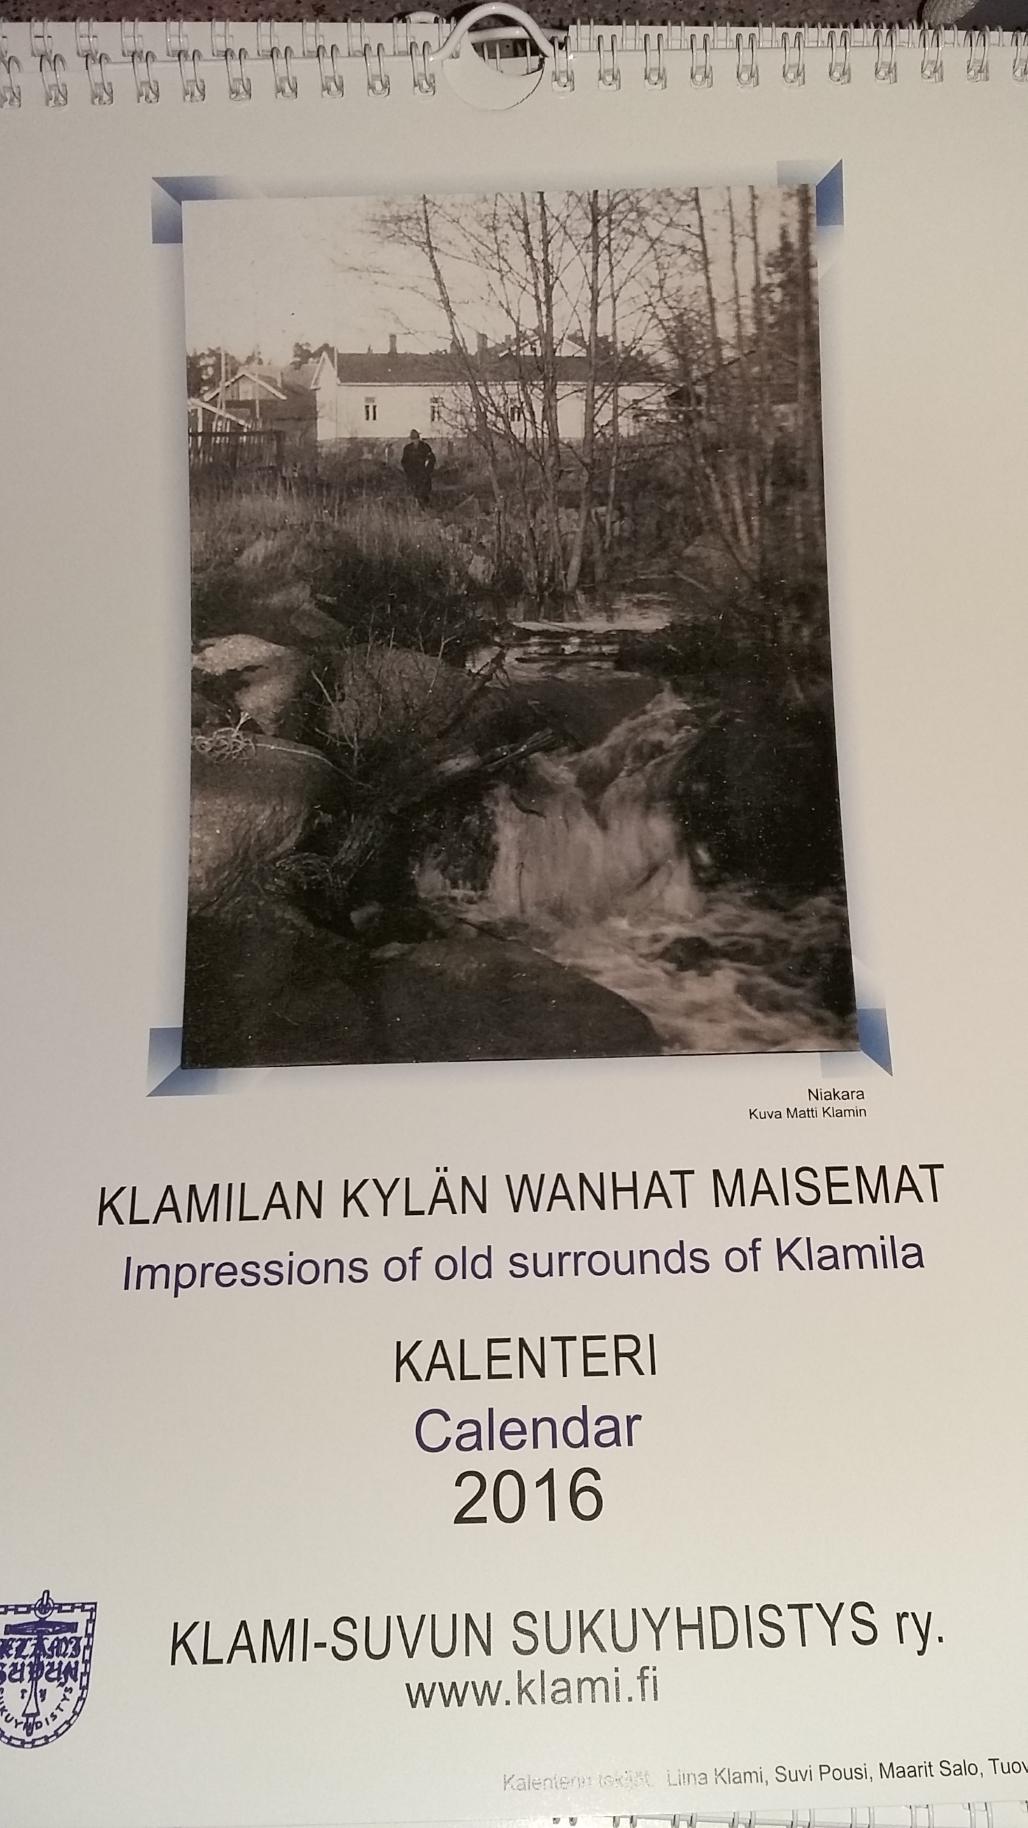 Klamila_kalenteri_2016